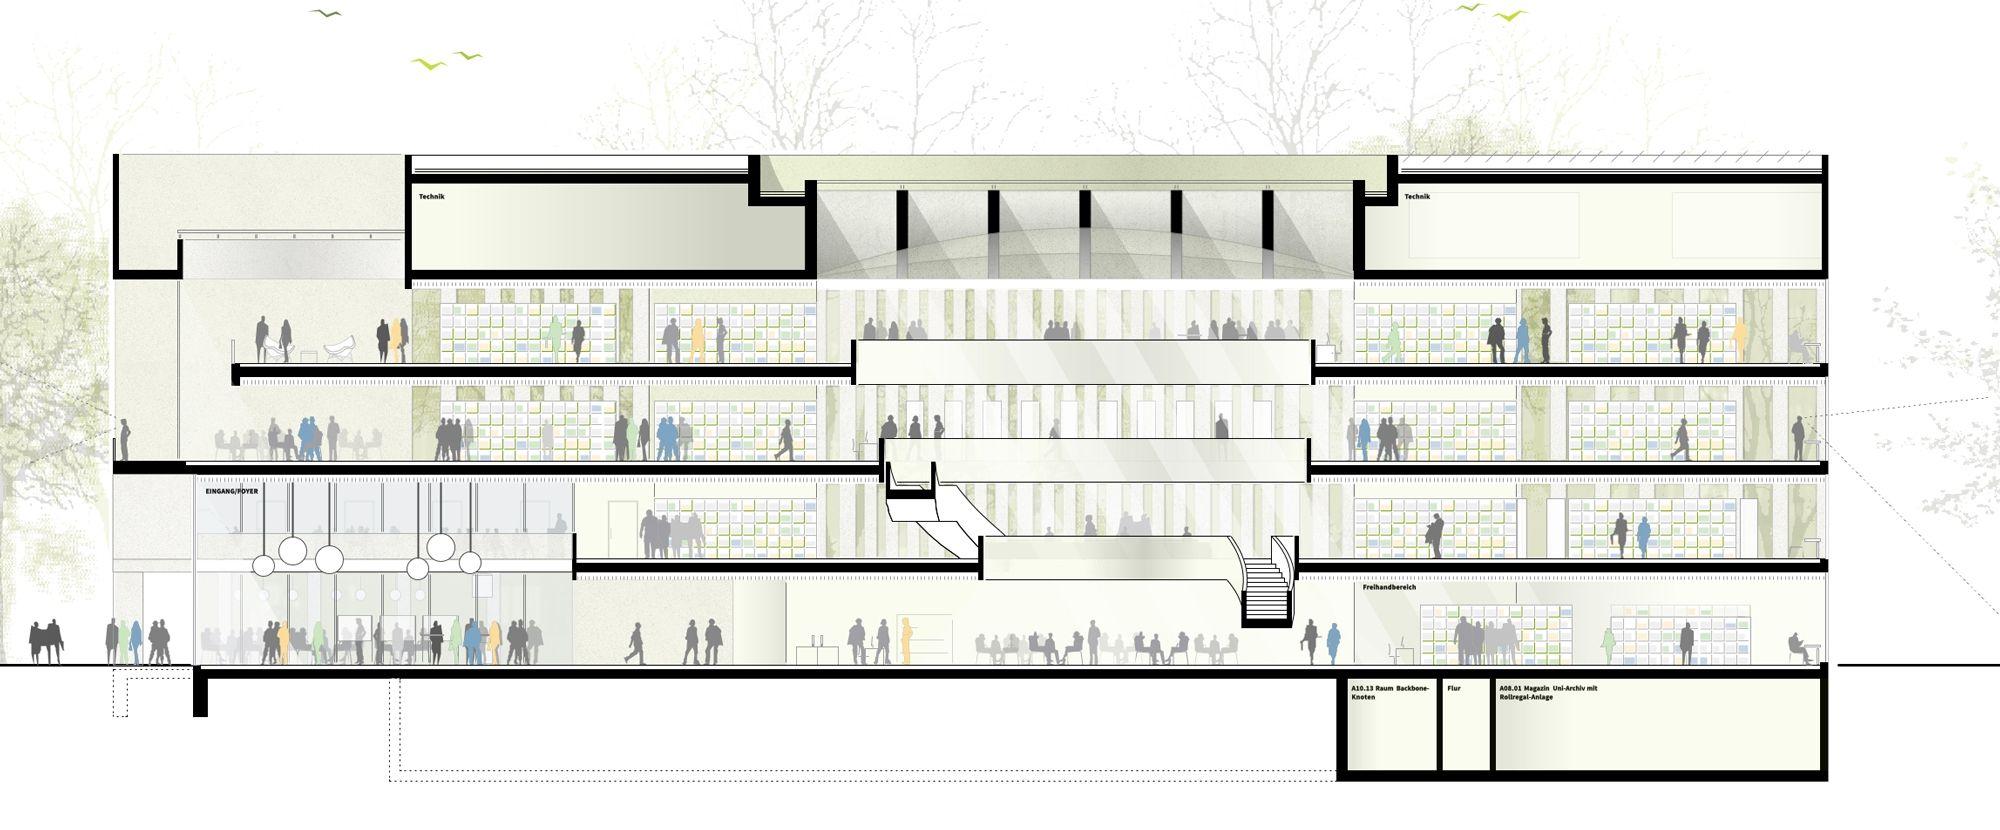 schnitt zeichnen lernen architektur wohn design. Black Bedroom Furniture Sets. Home Design Ideas